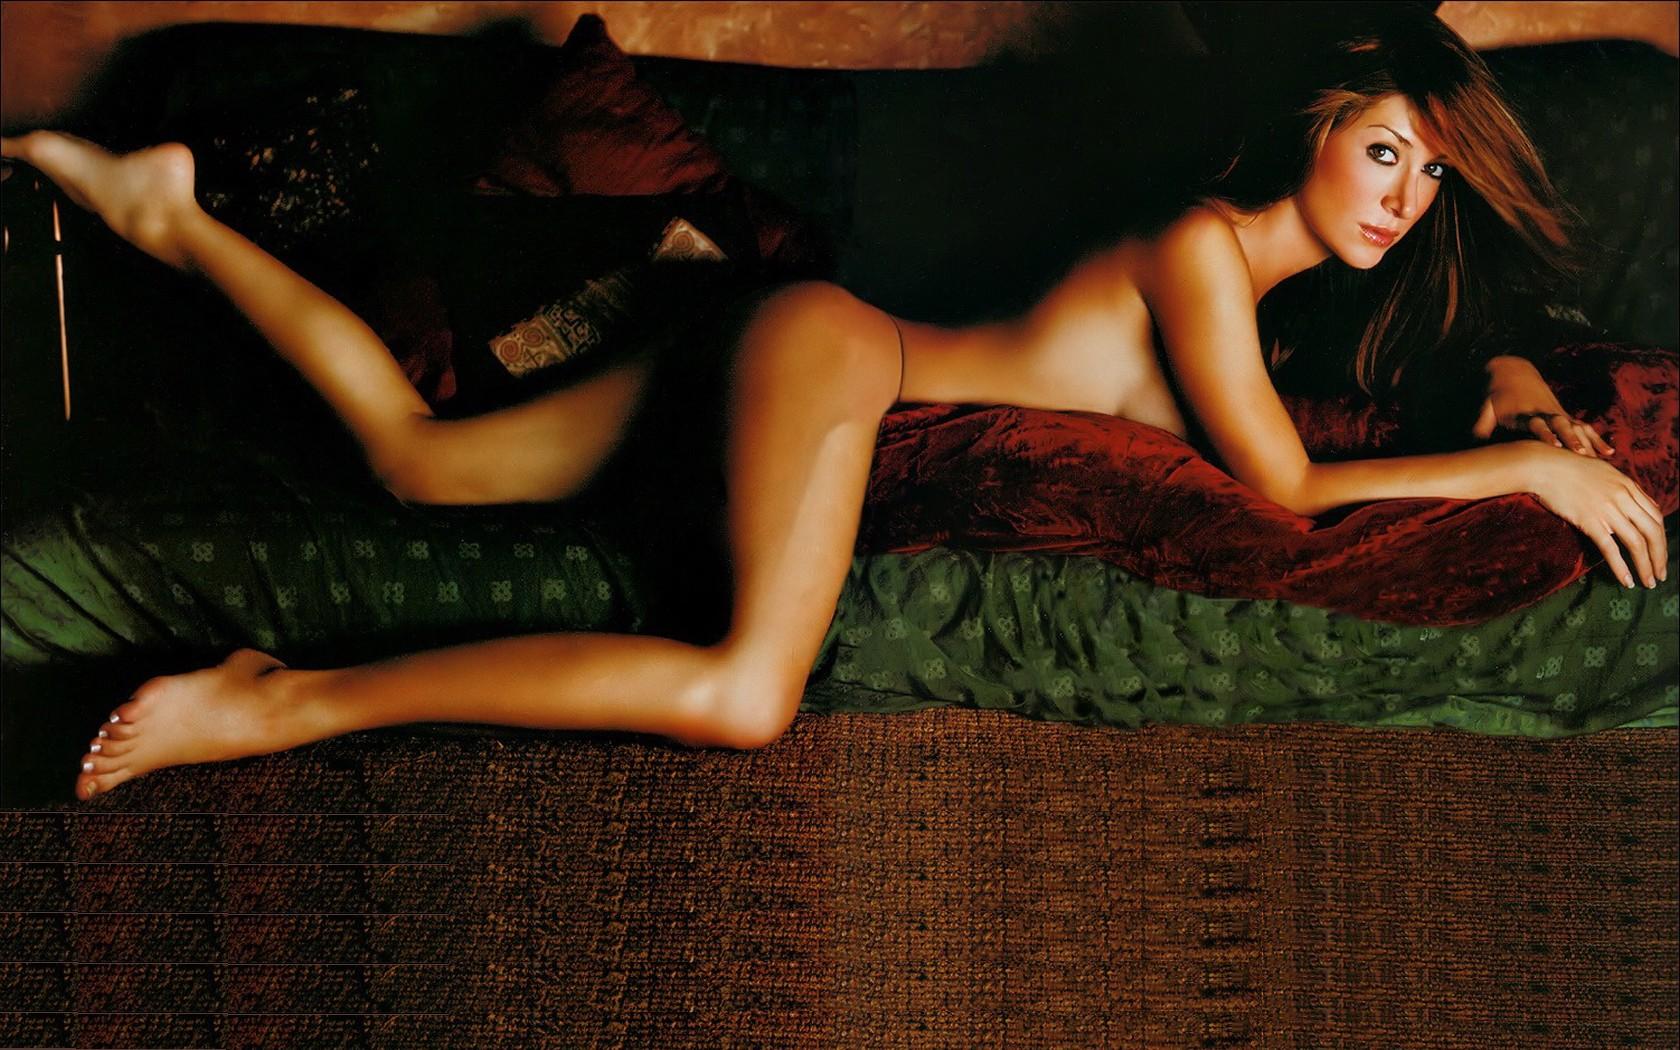 Ha sasha alexander alguna vez desnuda